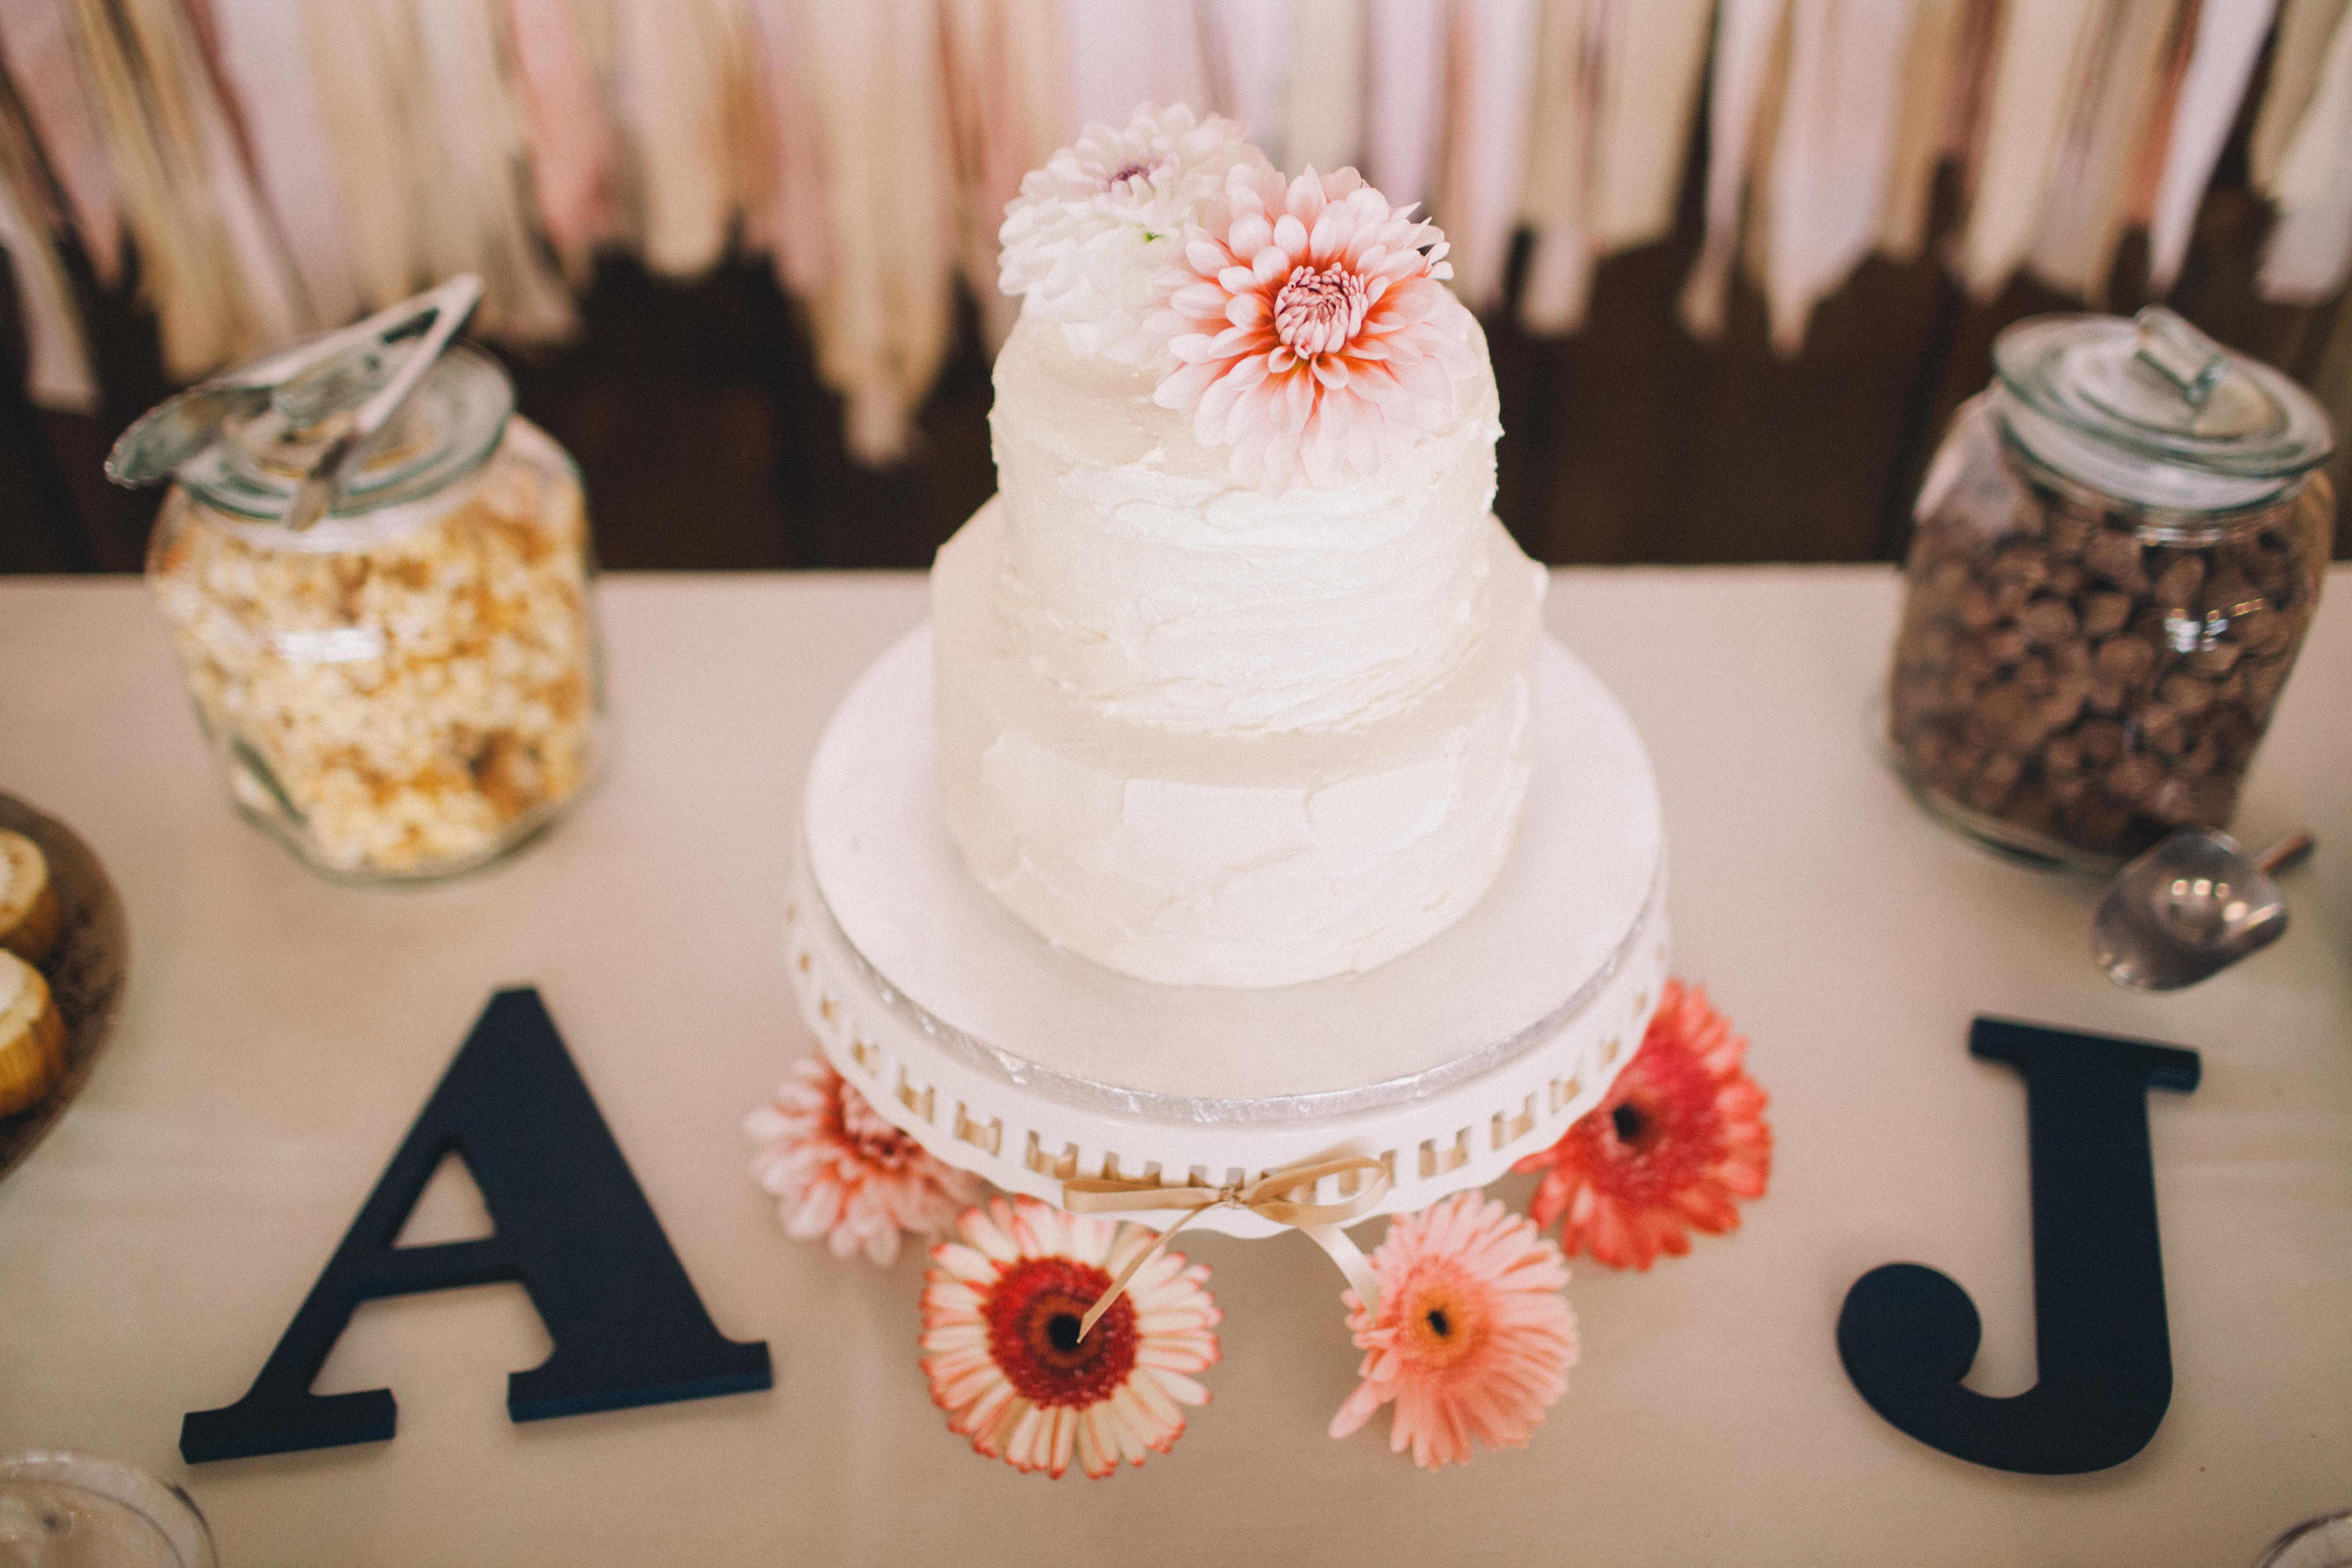 Most delicious Wedding Cake Portland